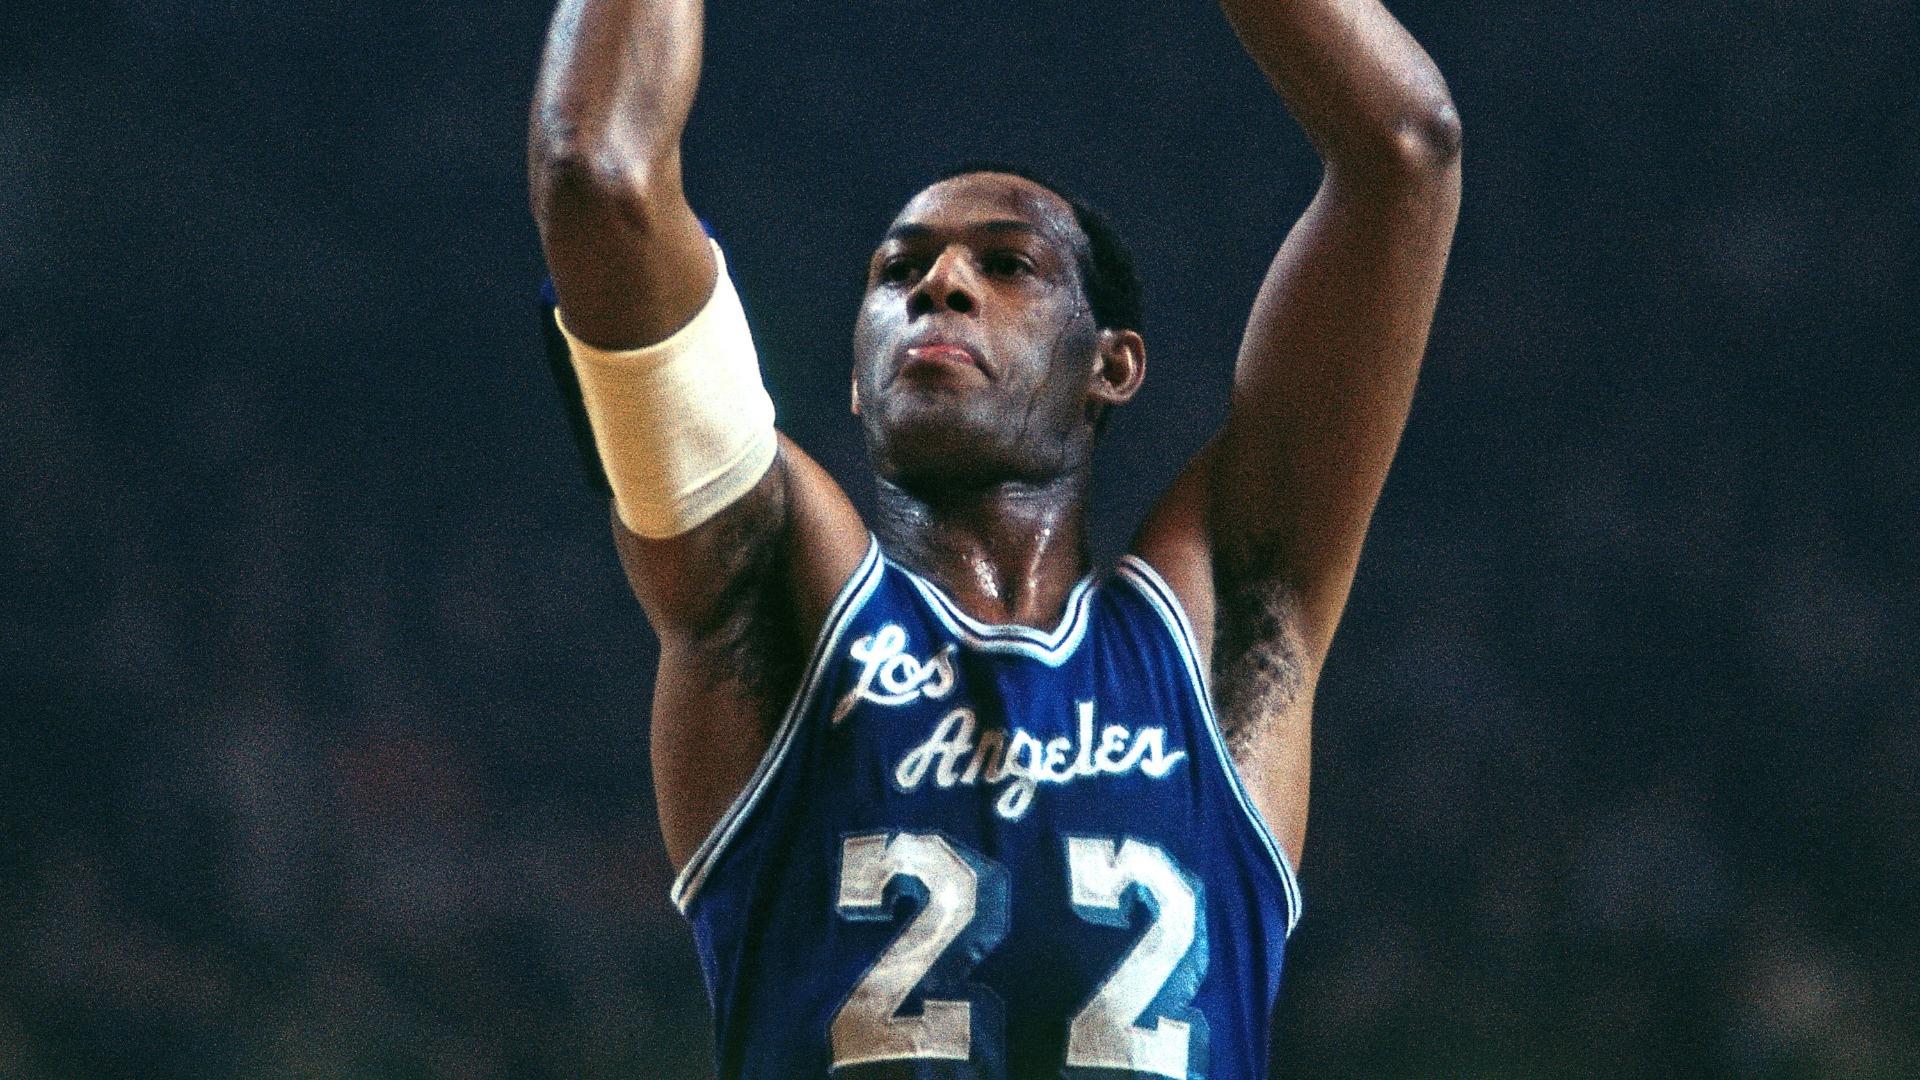 Los Angeles Lakers great Elgin Baylor dies at 86